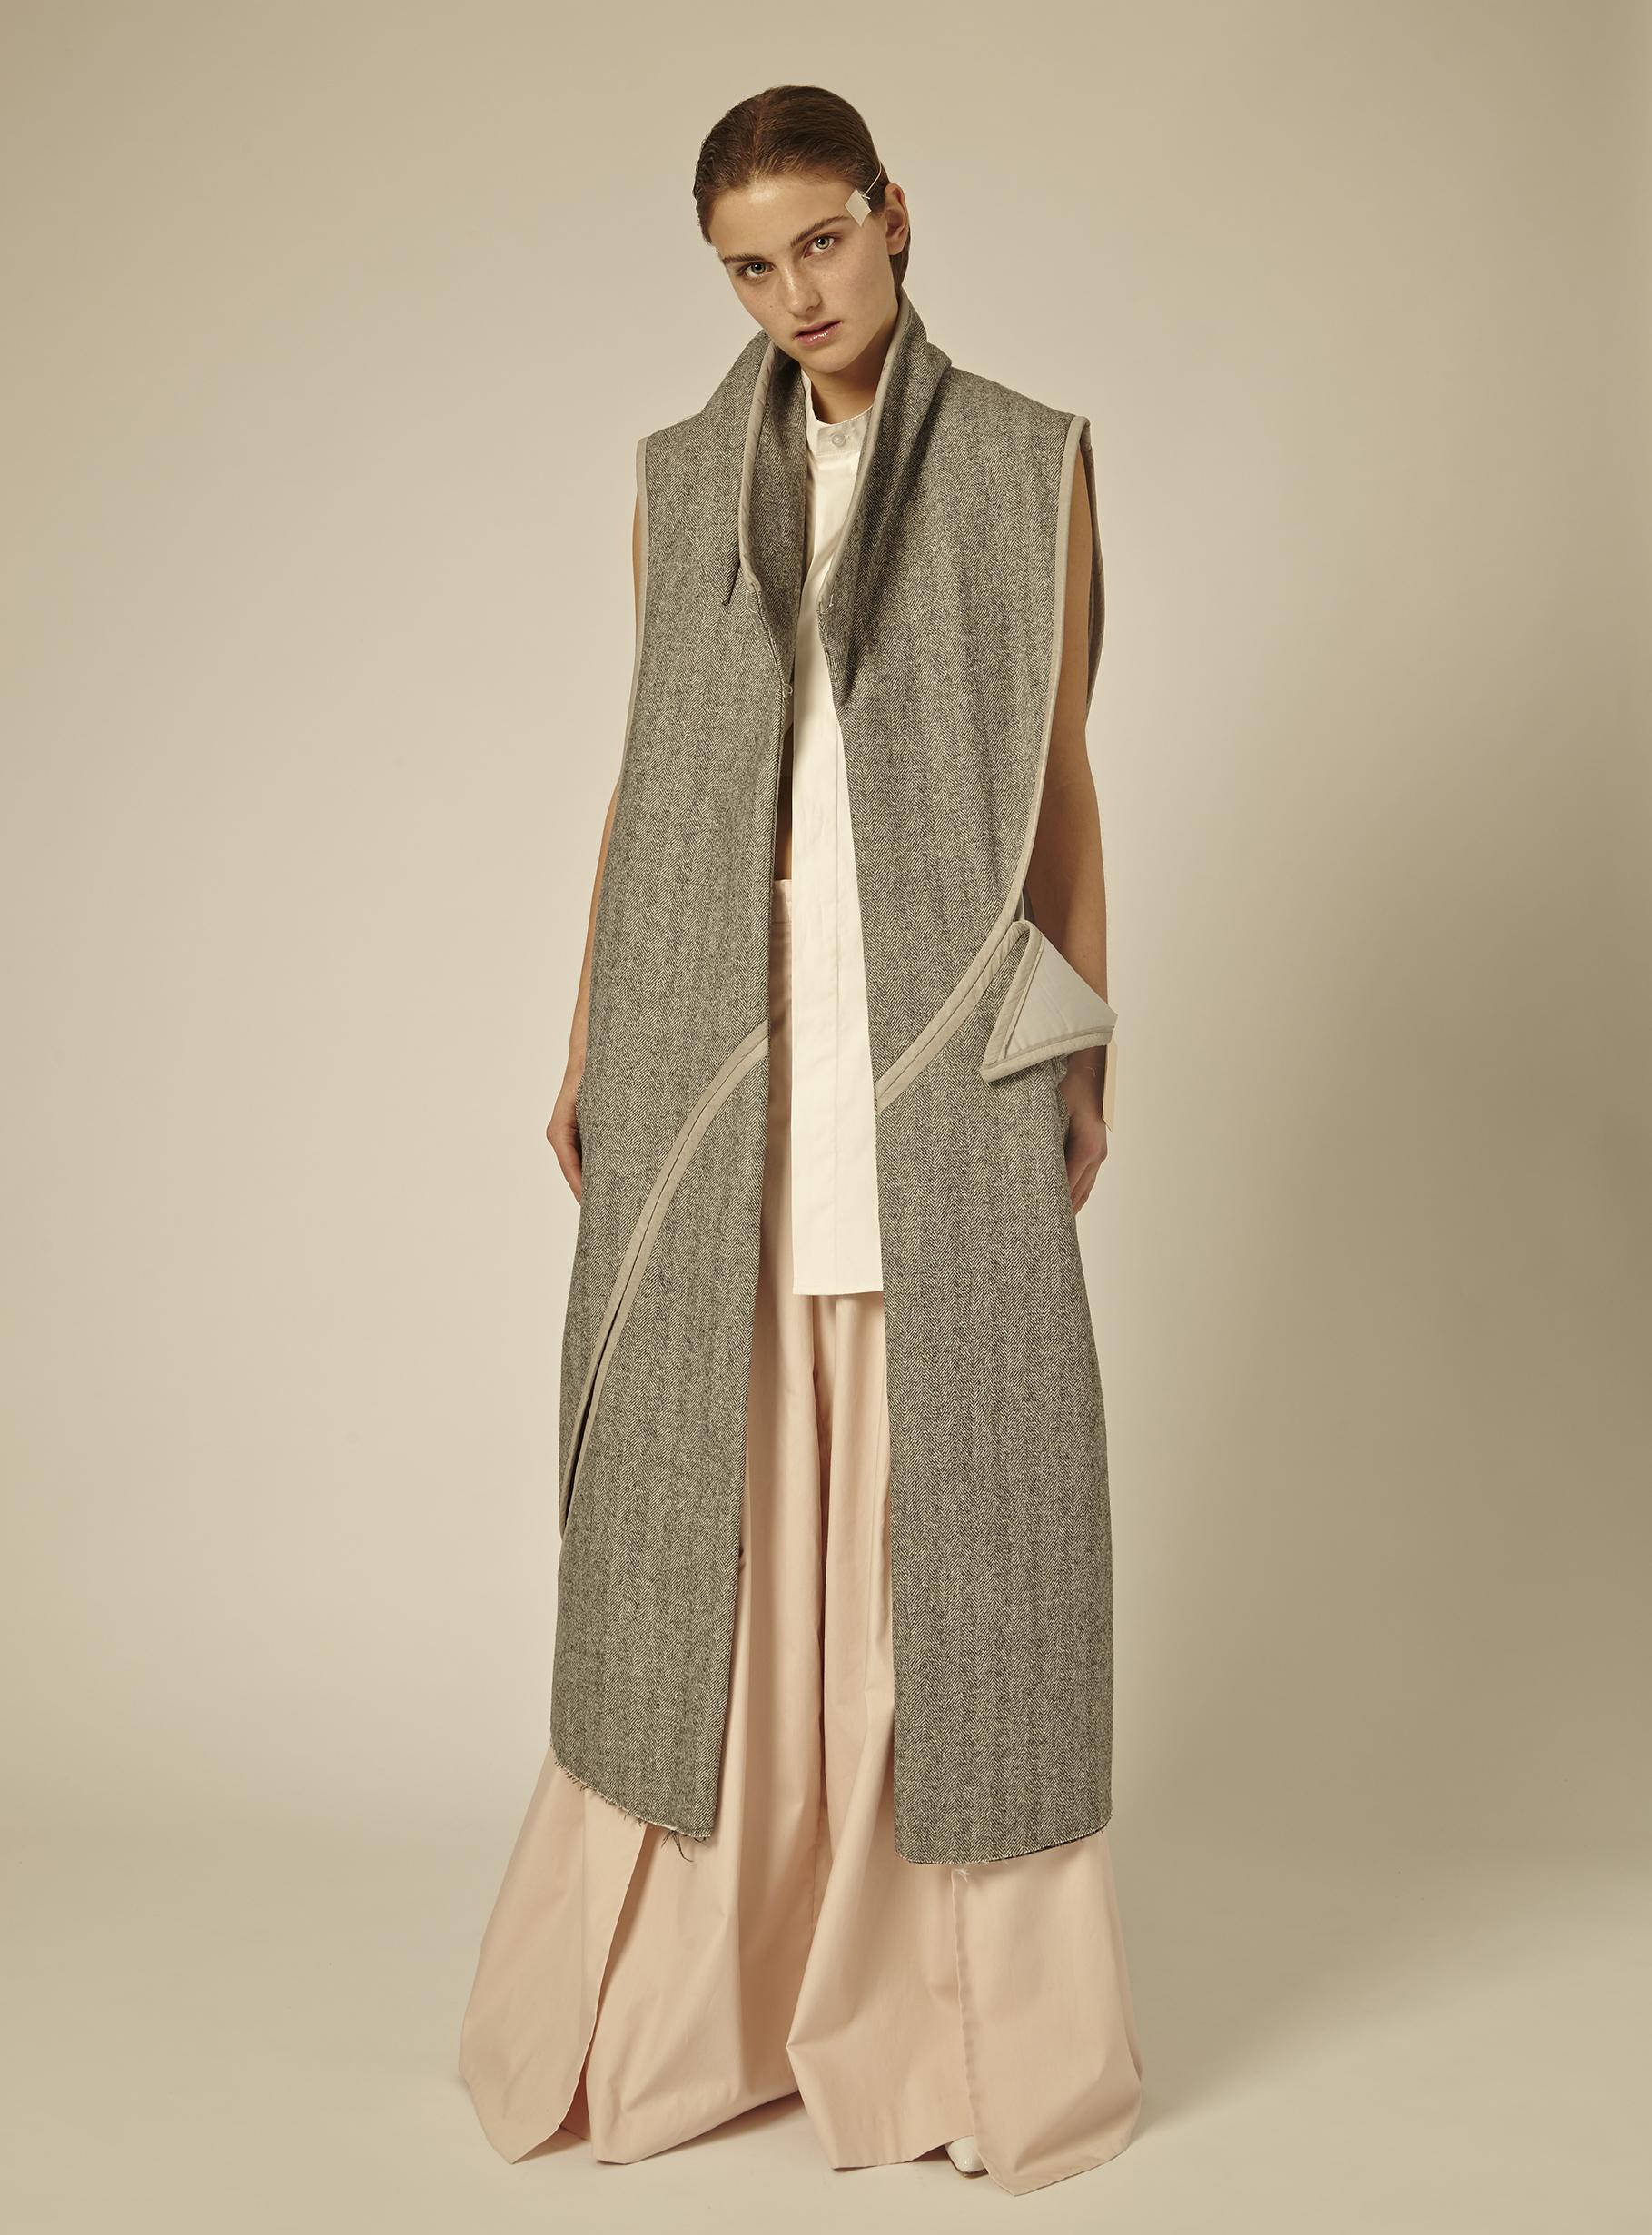 Vest by Lucky Yijia Jiang, MFA Menswear Design. Shirt and pants by Dominic Tan, BFA Menswear Design.